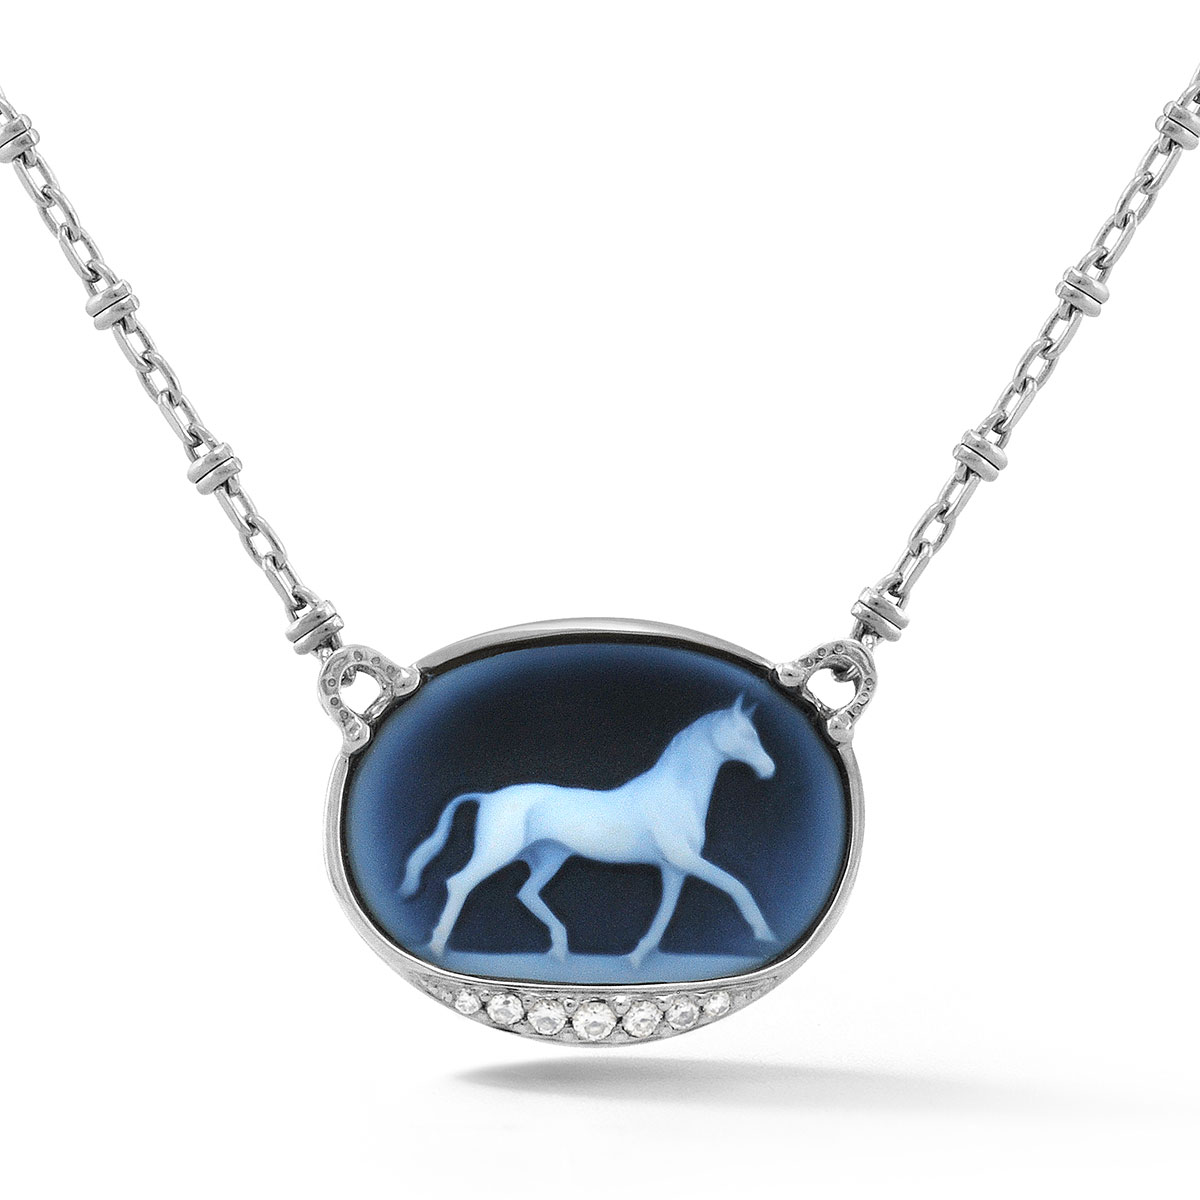 HNP0843 Equestrian Cameo Pendant